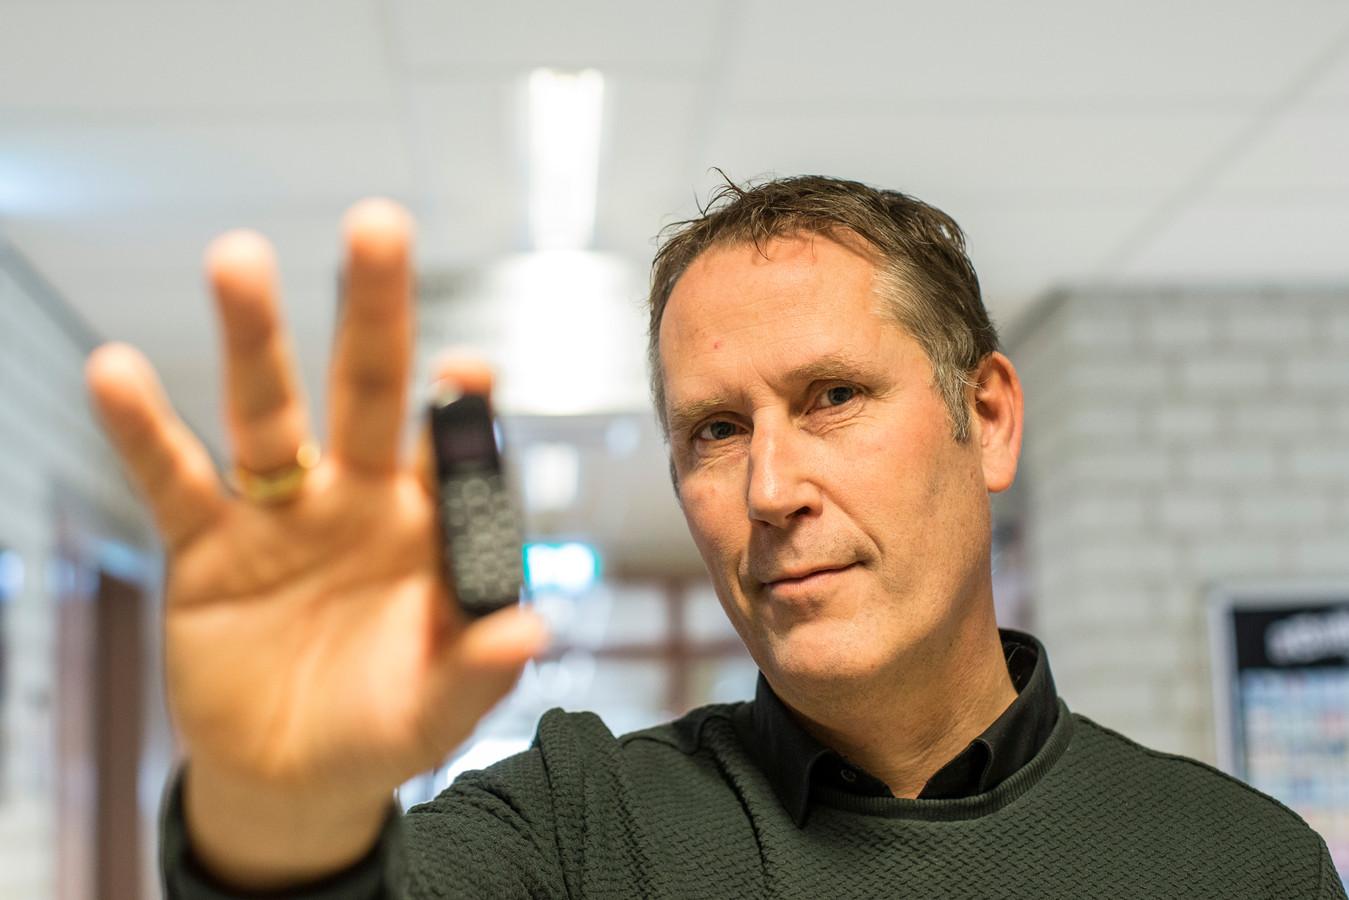 Directeur Danny Vette van PI Achterhoek in Zutphen toont een zogenaamde duimtelefoon die eerder tijdens een fouillering in beslag is genomen. ,,Wordt anaal ingebracht en meegesmokkeld.''